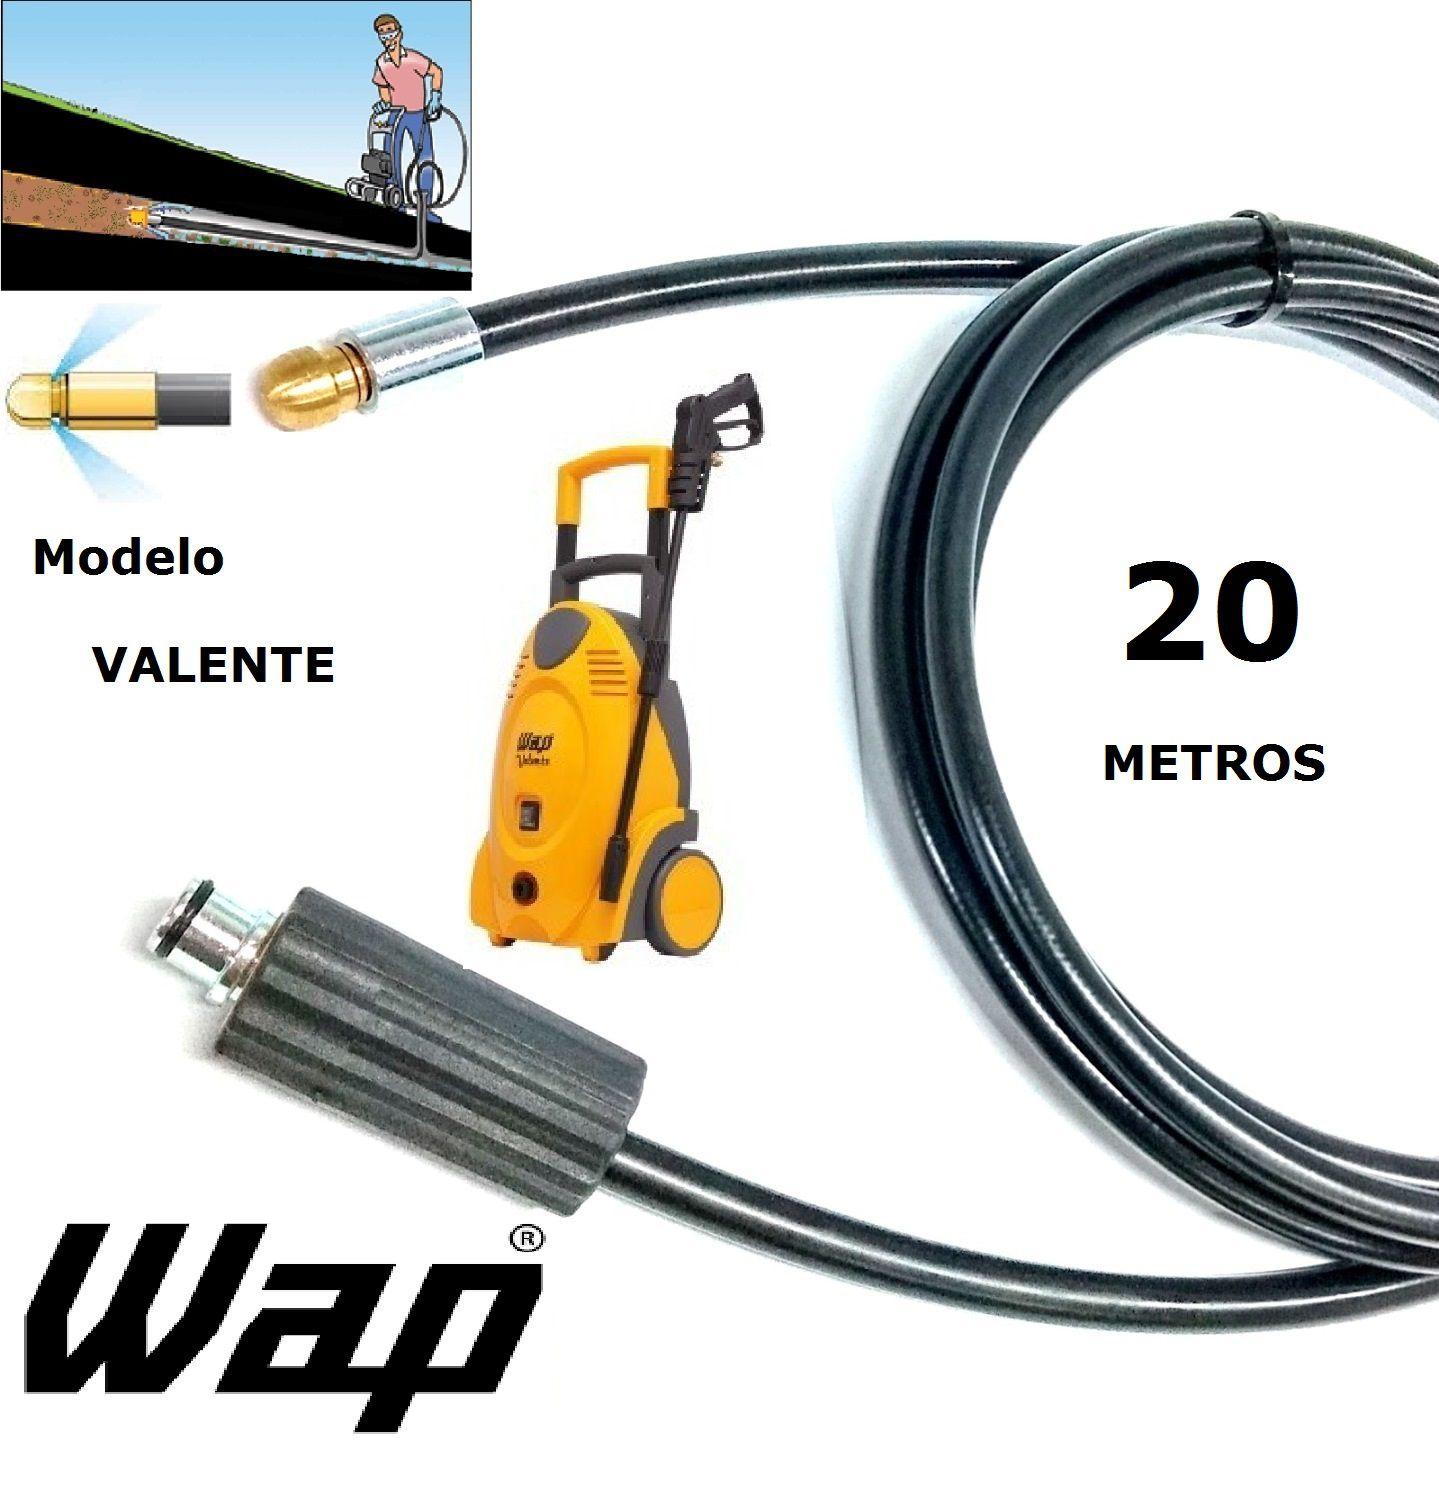 Mangueira desentupidora de tubulação WAP - 20 Metros - Wap VALENTE